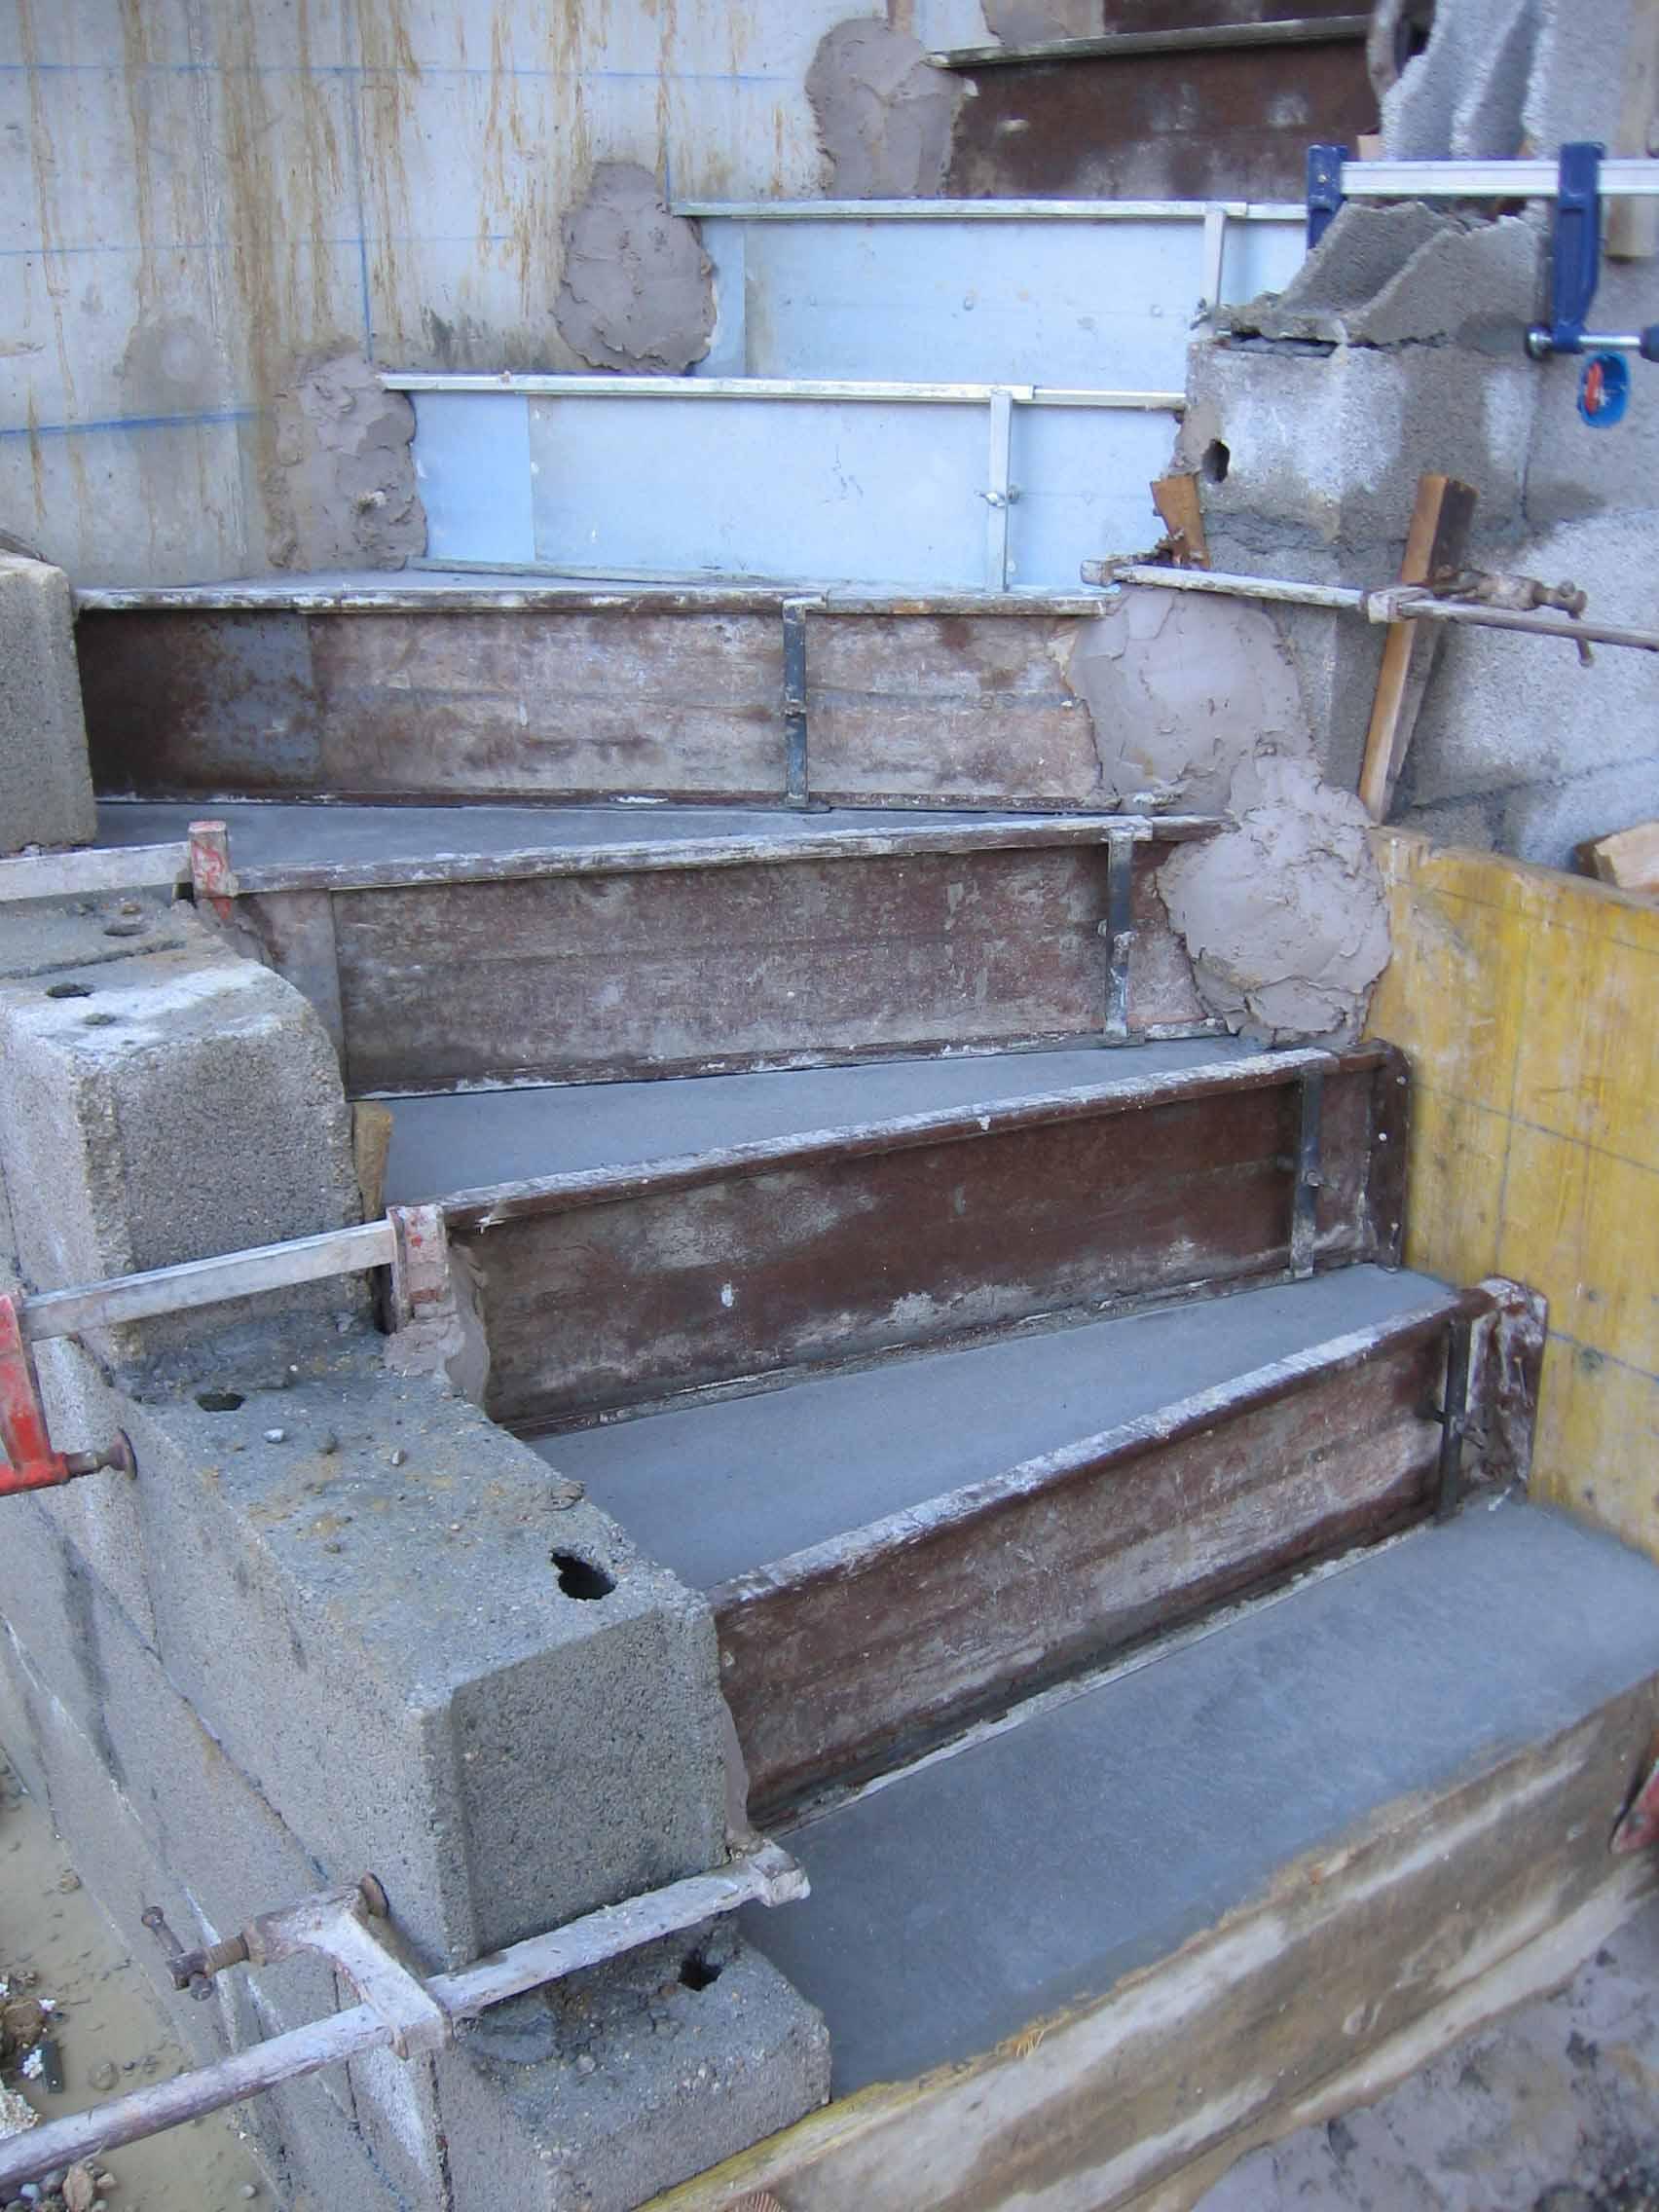 Carrelage mosaique miroir champigny sur marne besancon le tampon cout travaux renovation for Peindre beton exterieur